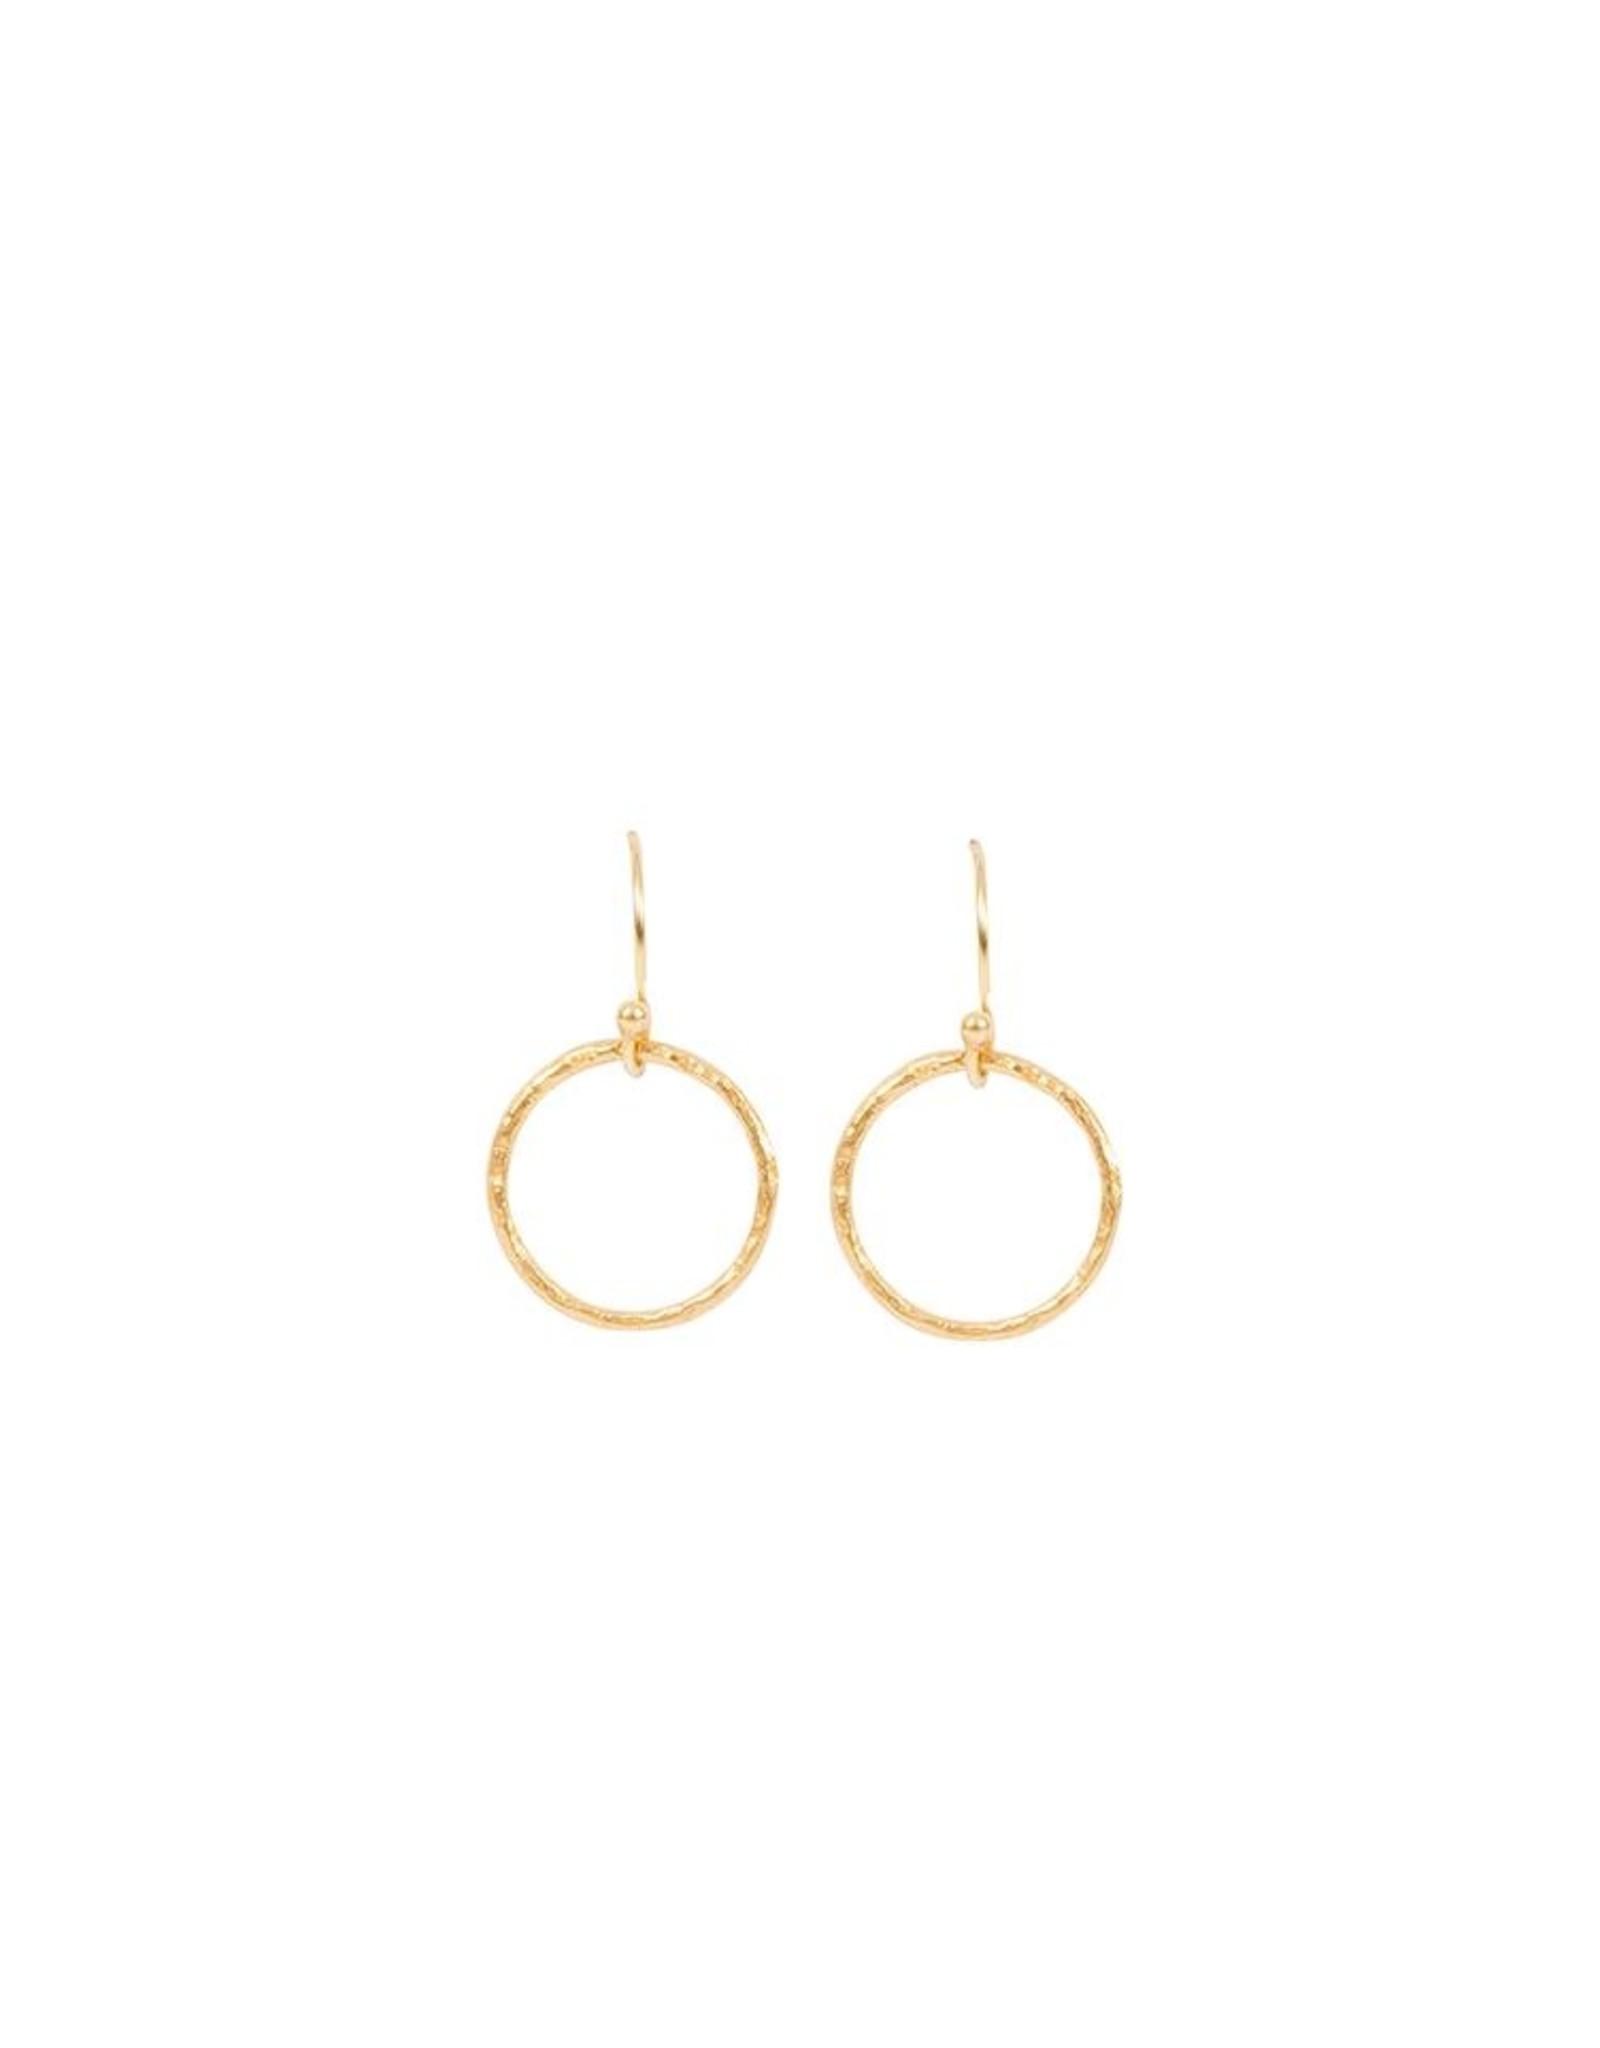 Kreolen Little Circles - Silber vergoldet